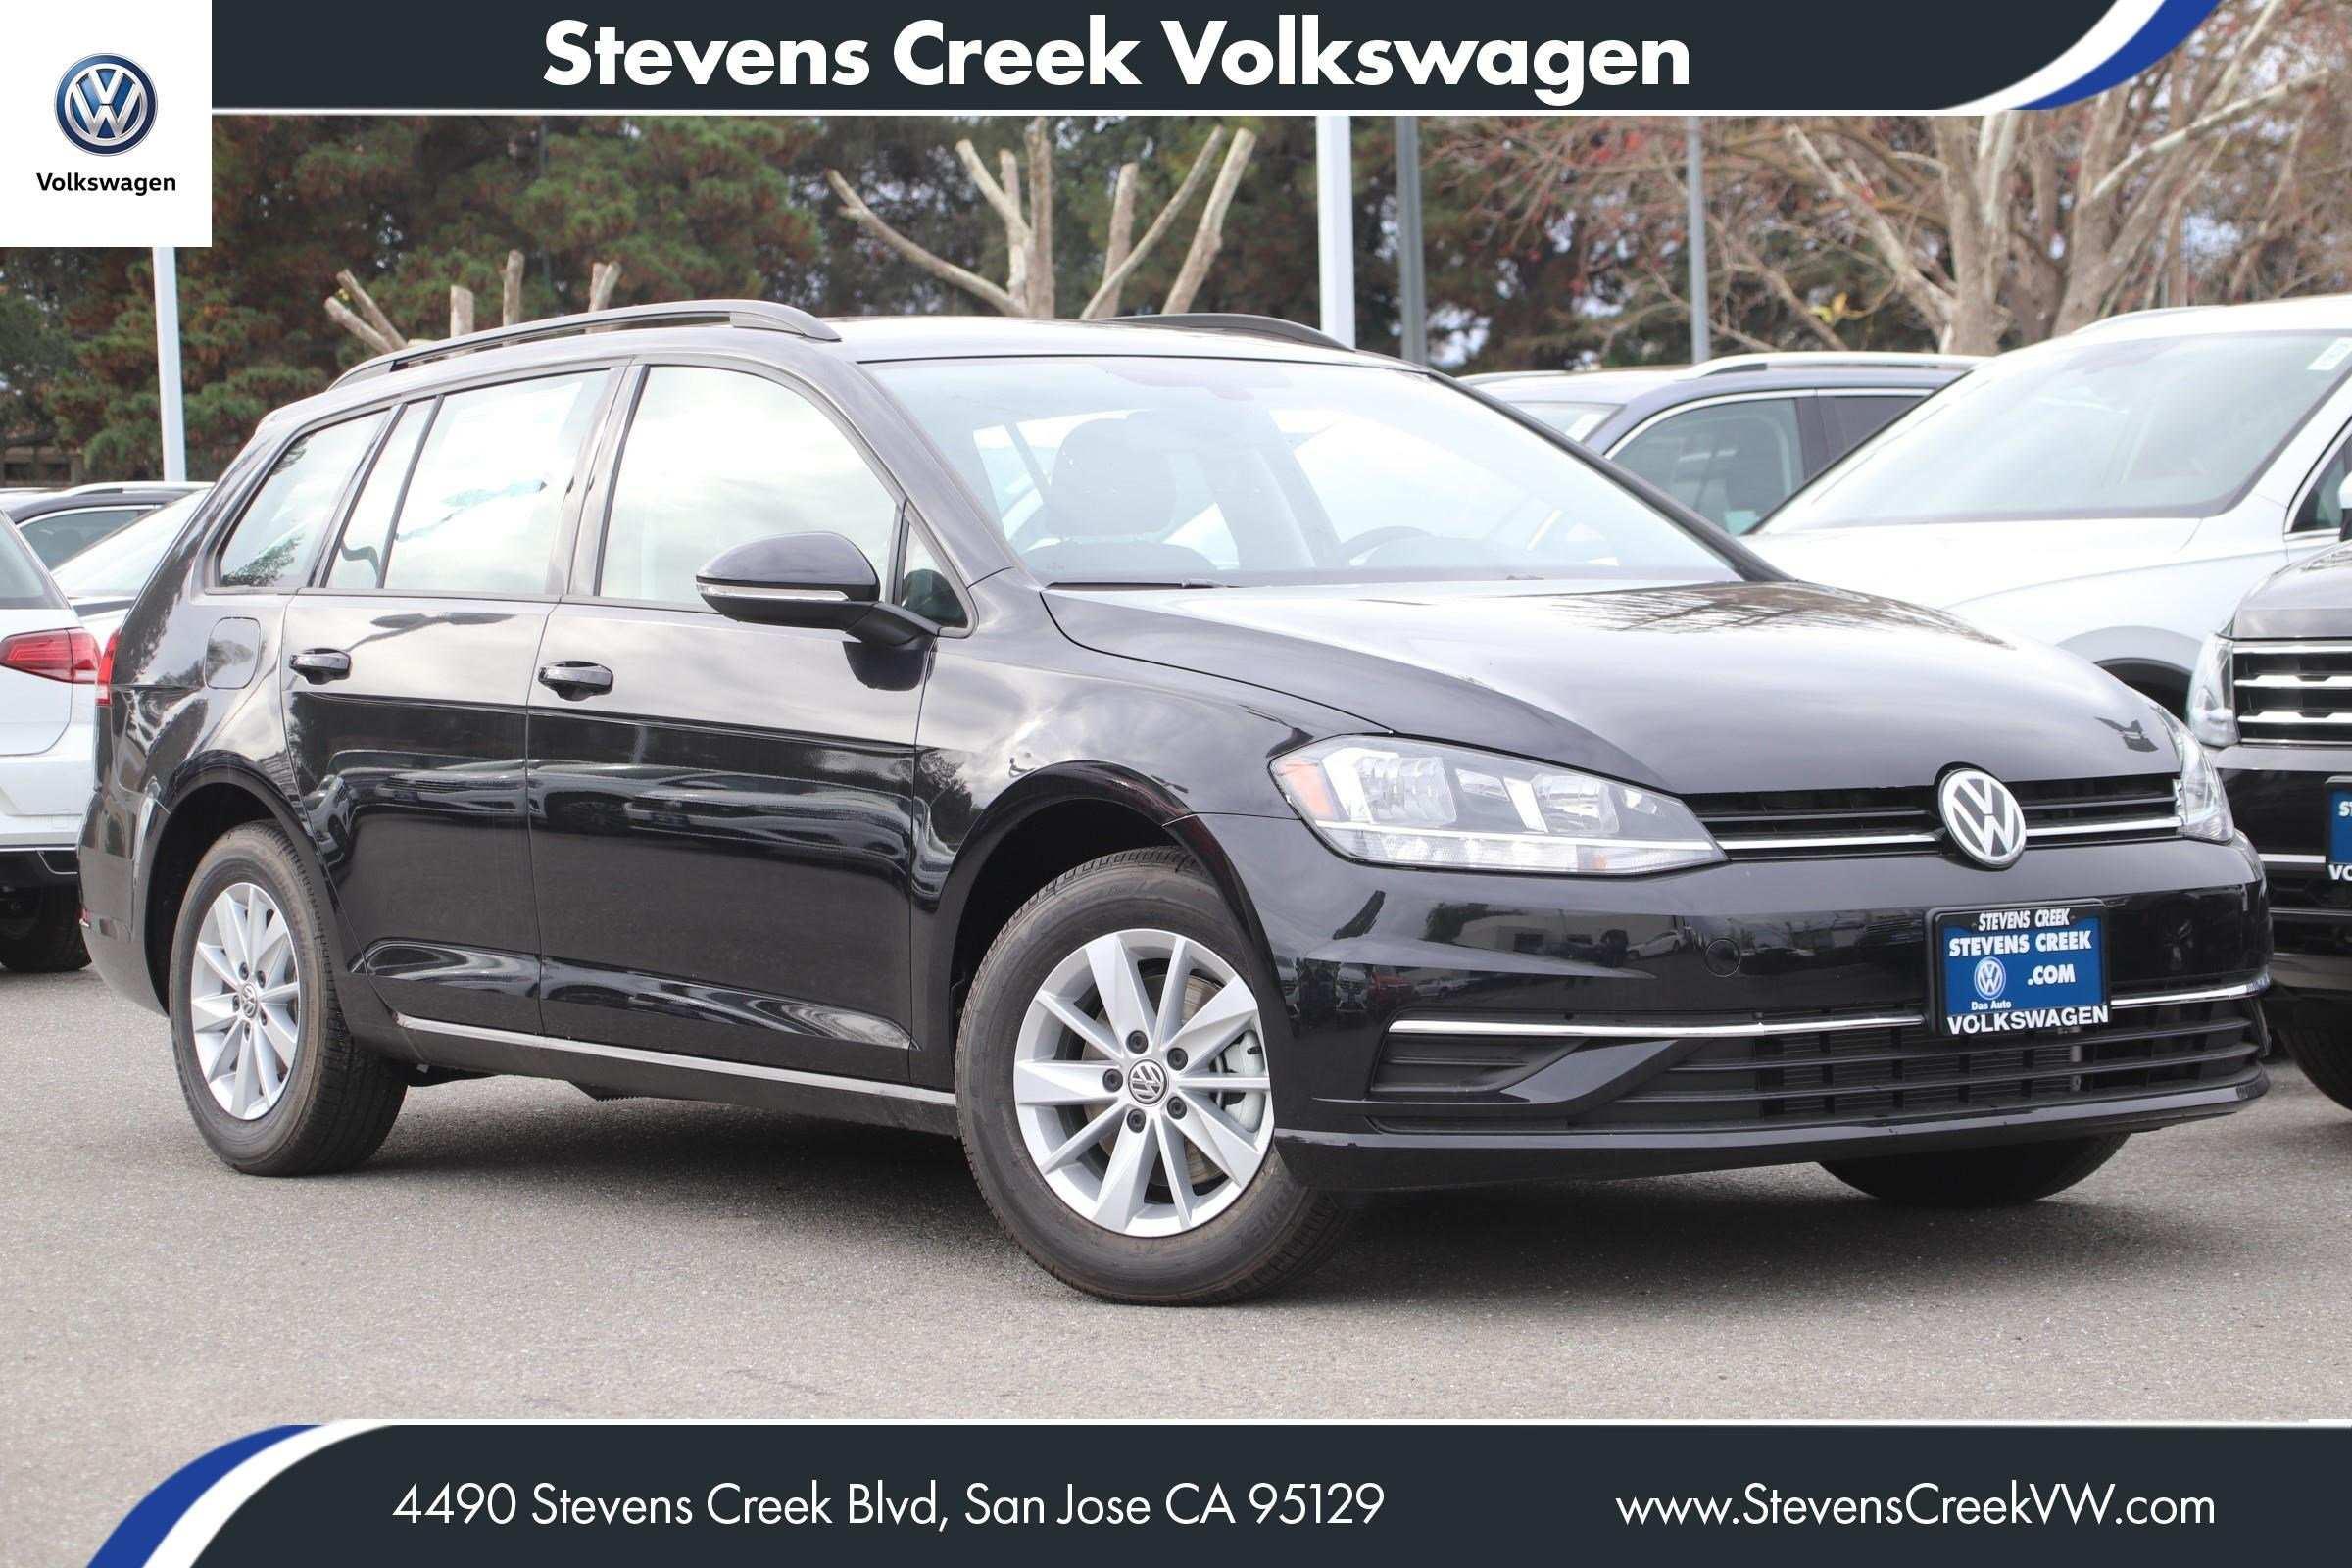 69 Best Review 2019 Volkswagen Wagon Release for 2019 Volkswagen Wagon